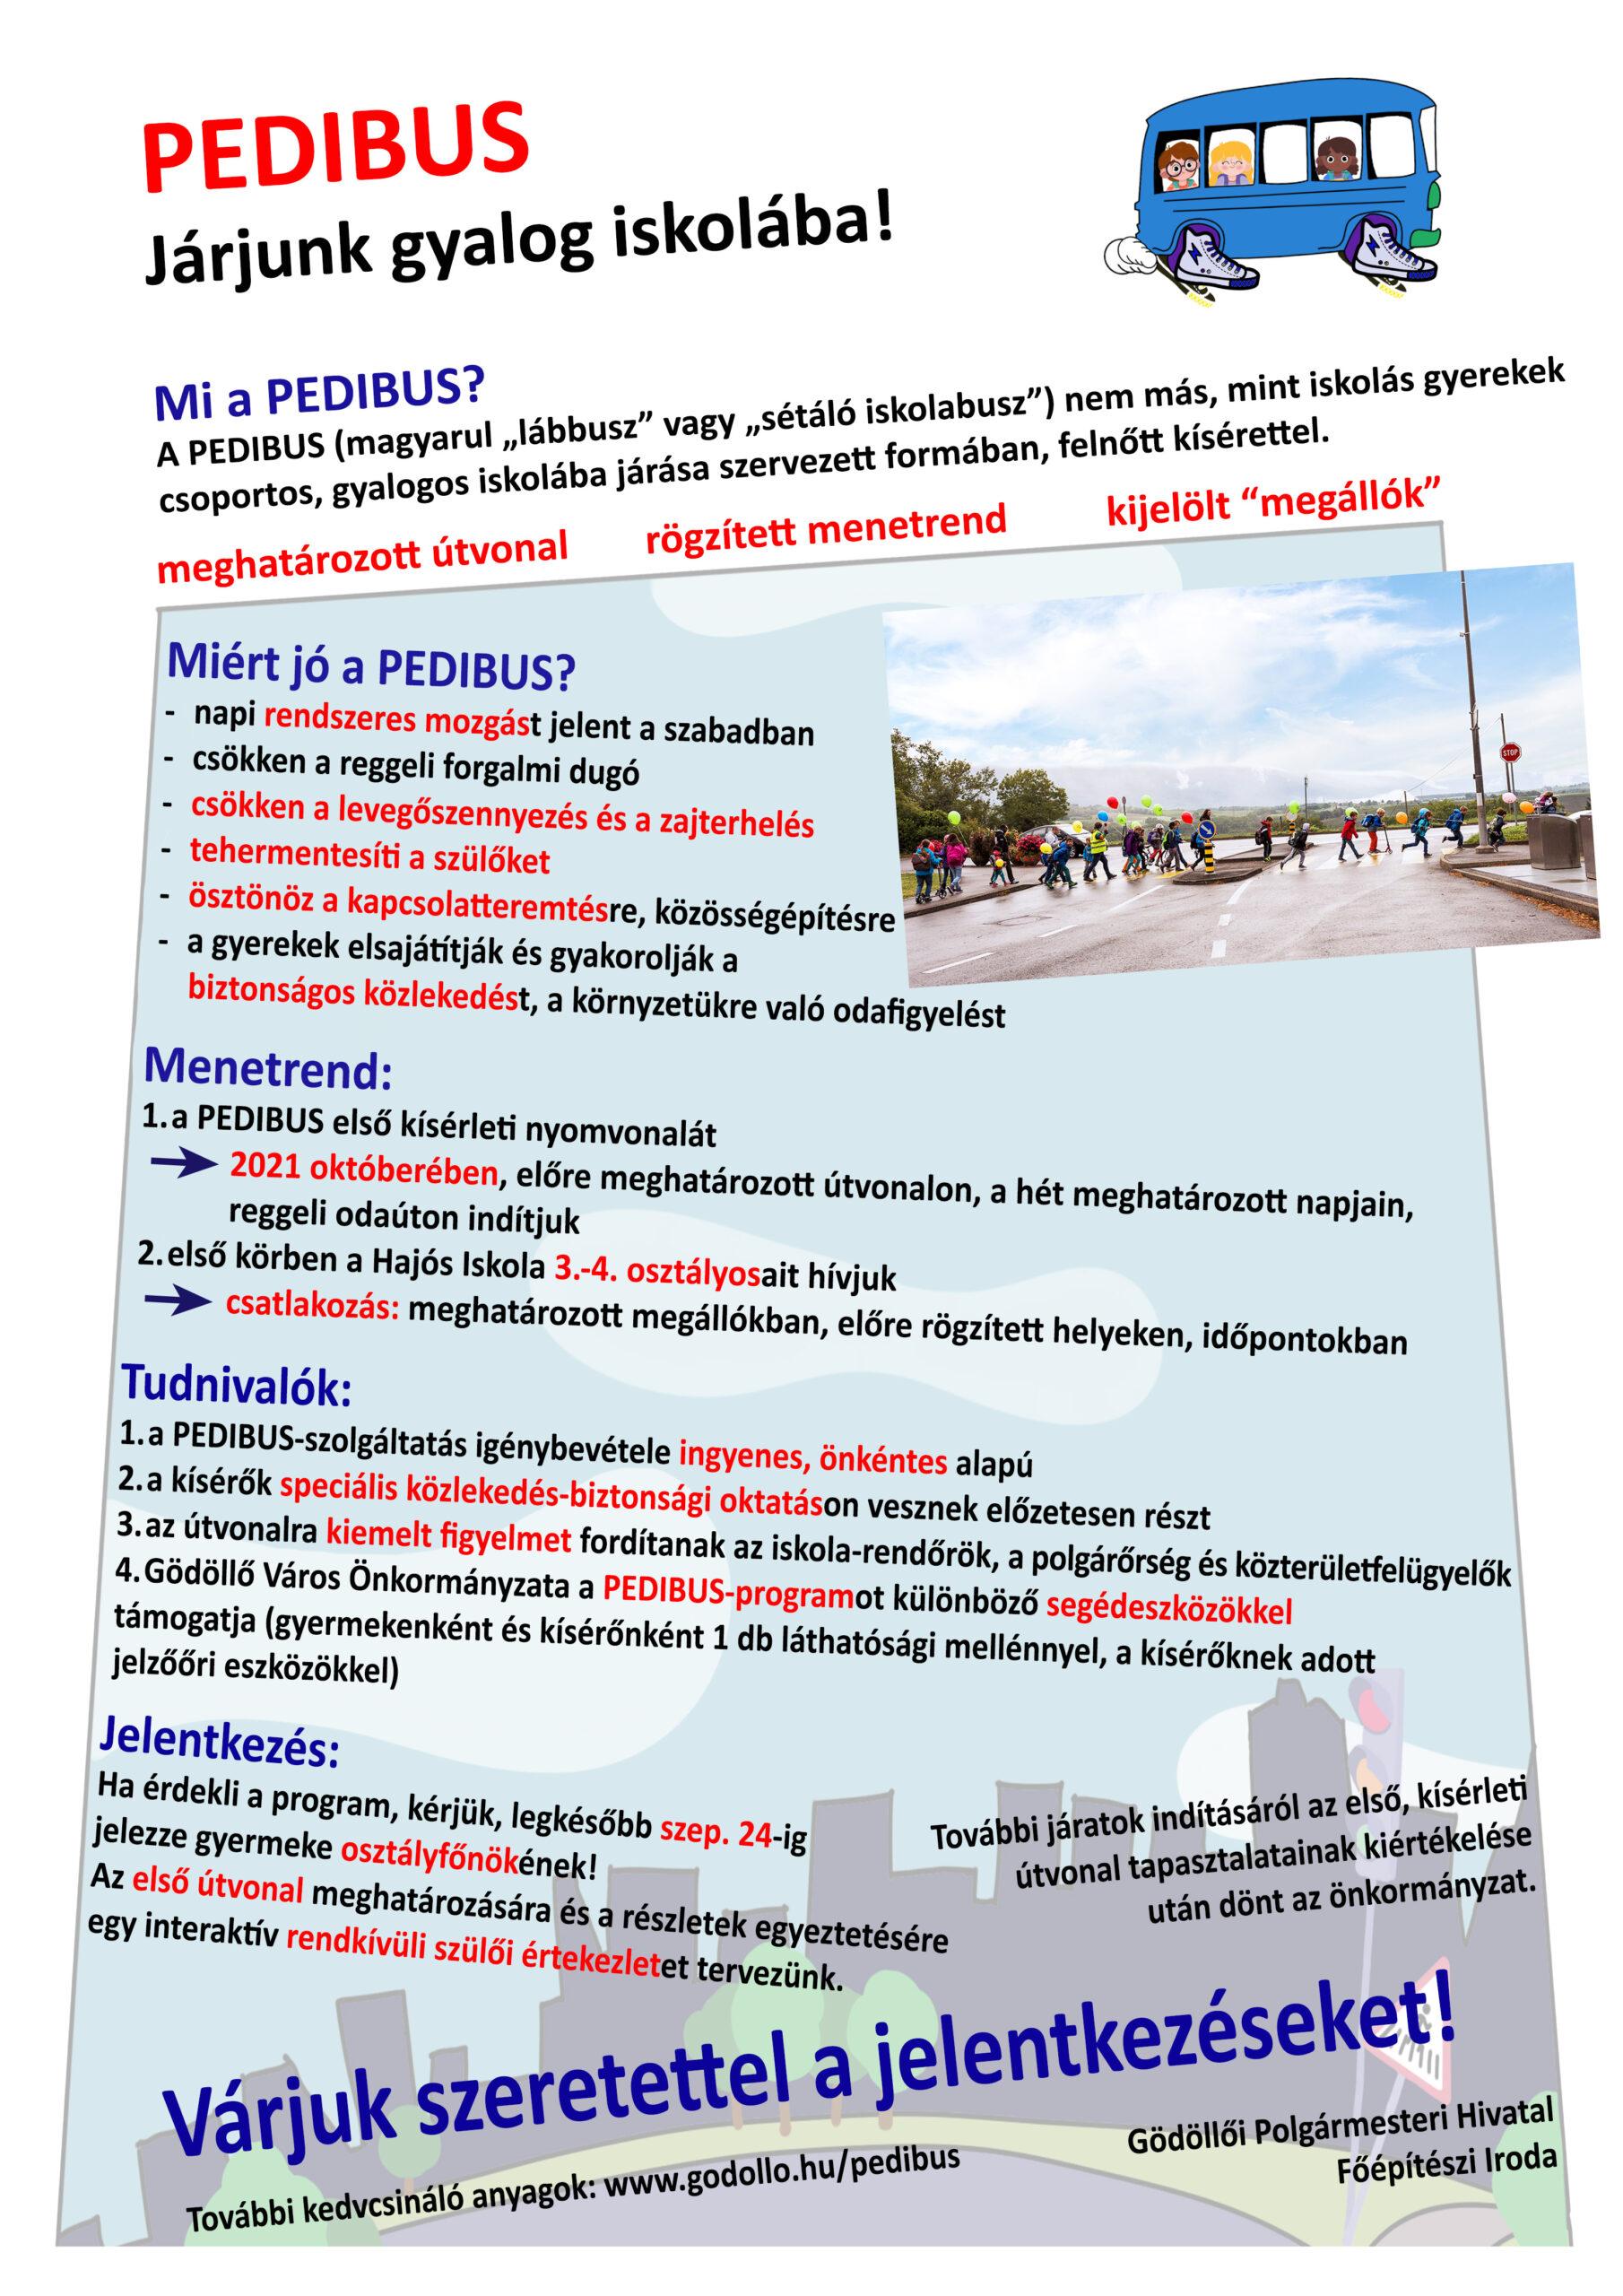 Gödöllő Város Önkormányzata Pedibus